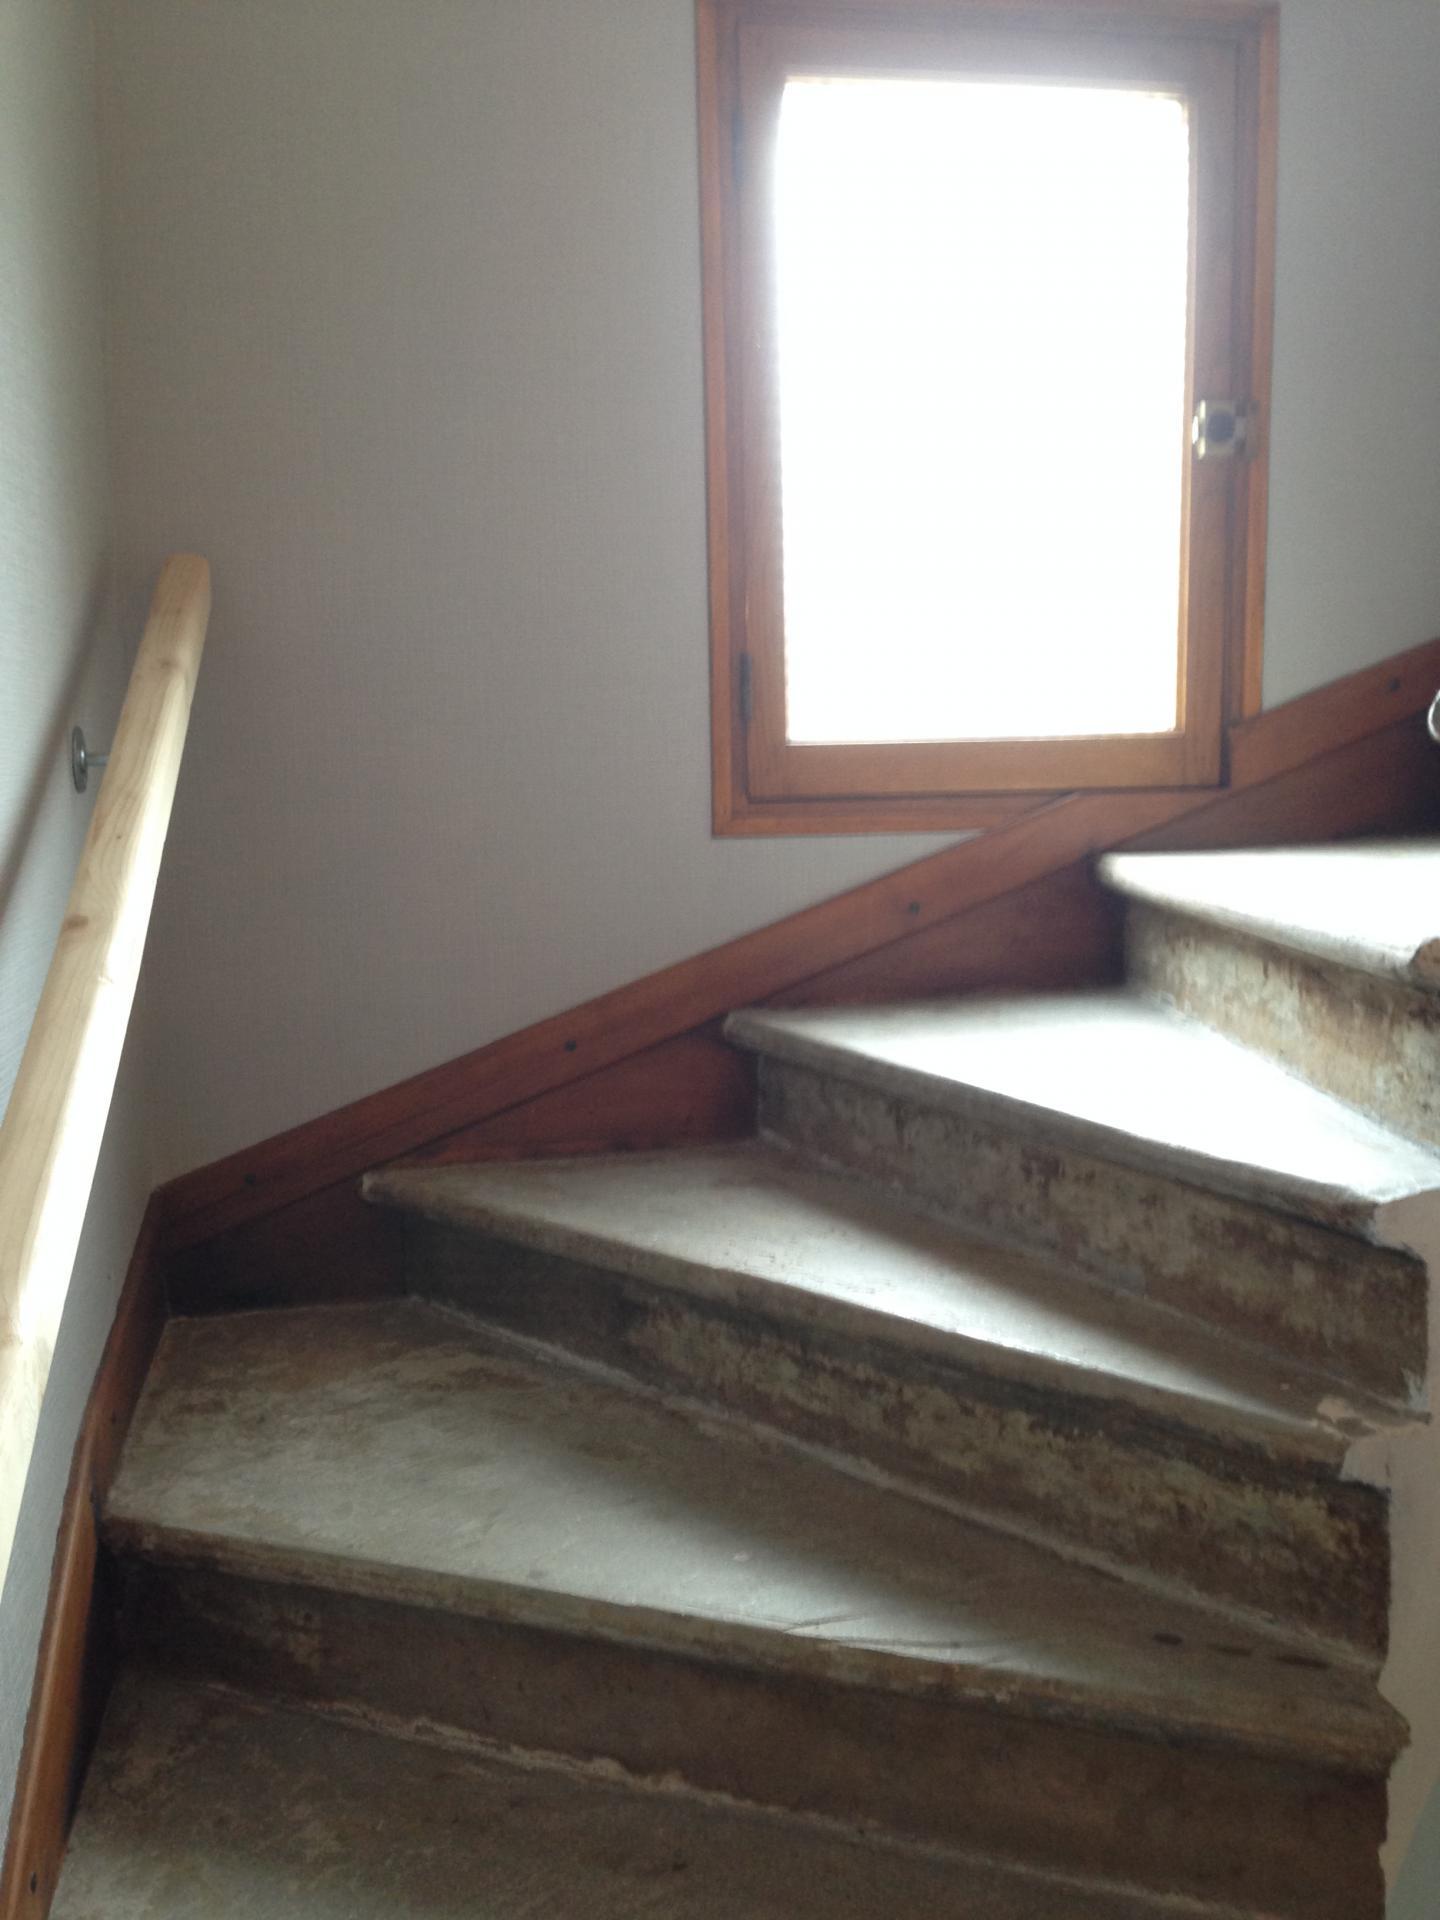 Habillage fr ne sur escalier b ton - Habillage sous escalier ...